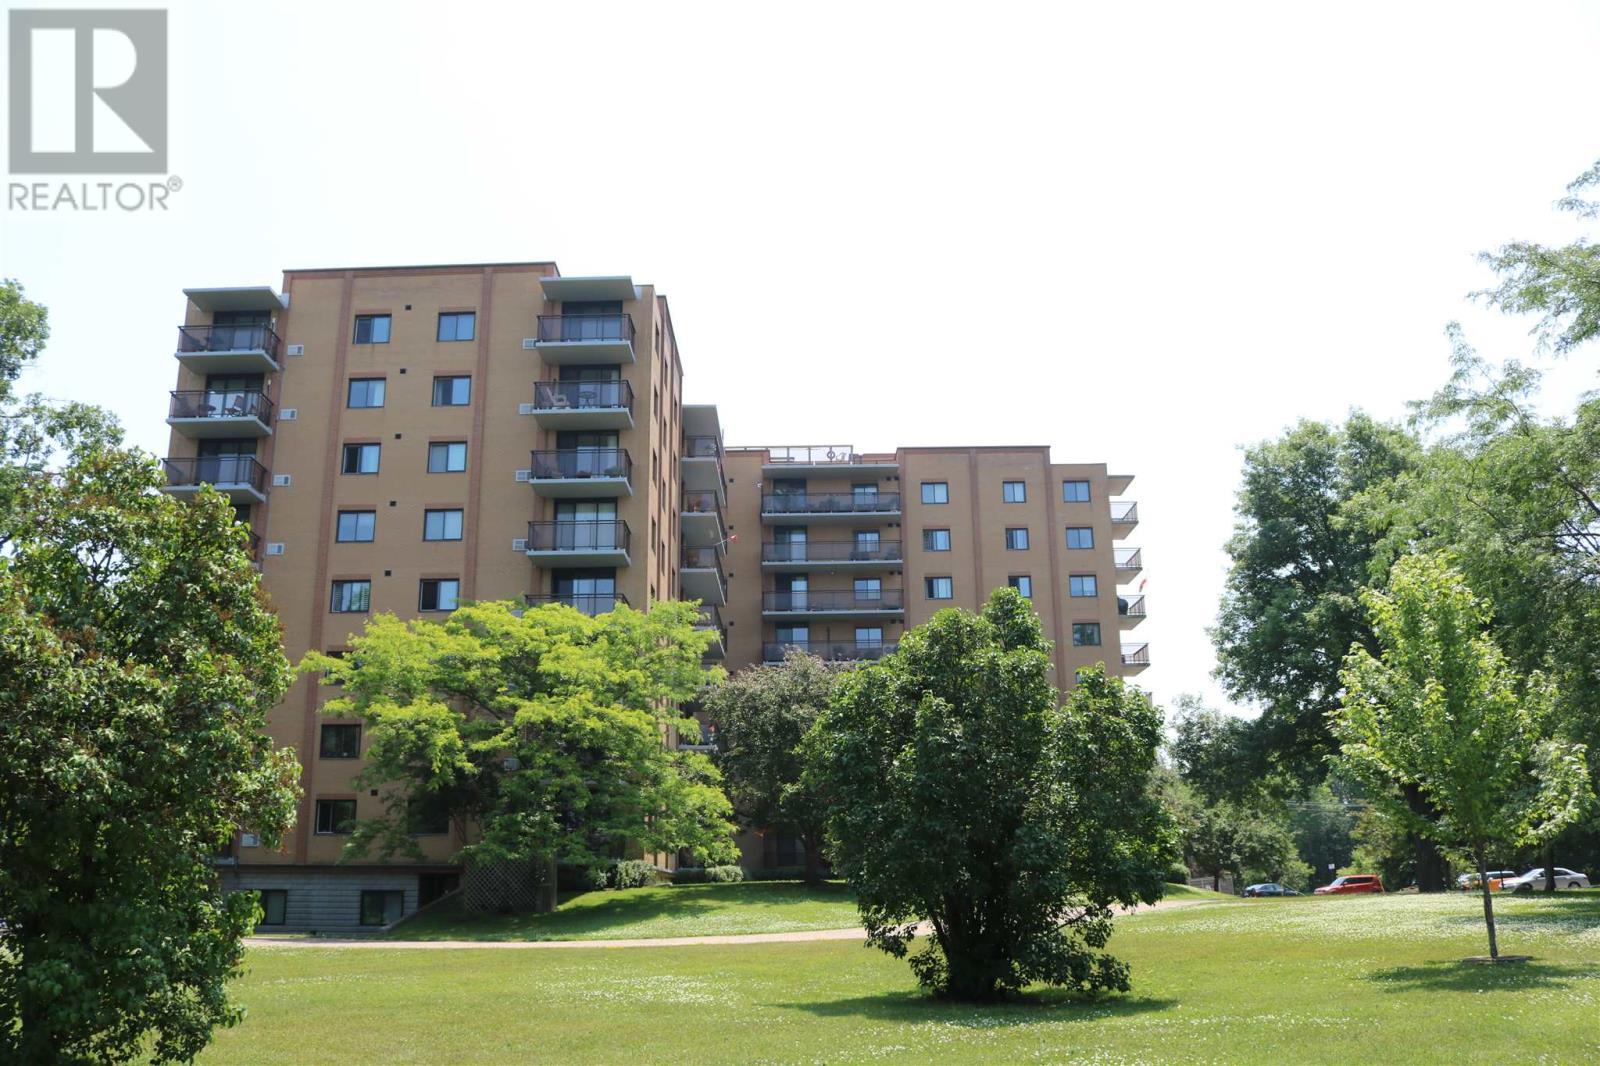 Buliding: 120 Barrett Court, Kingston, ON